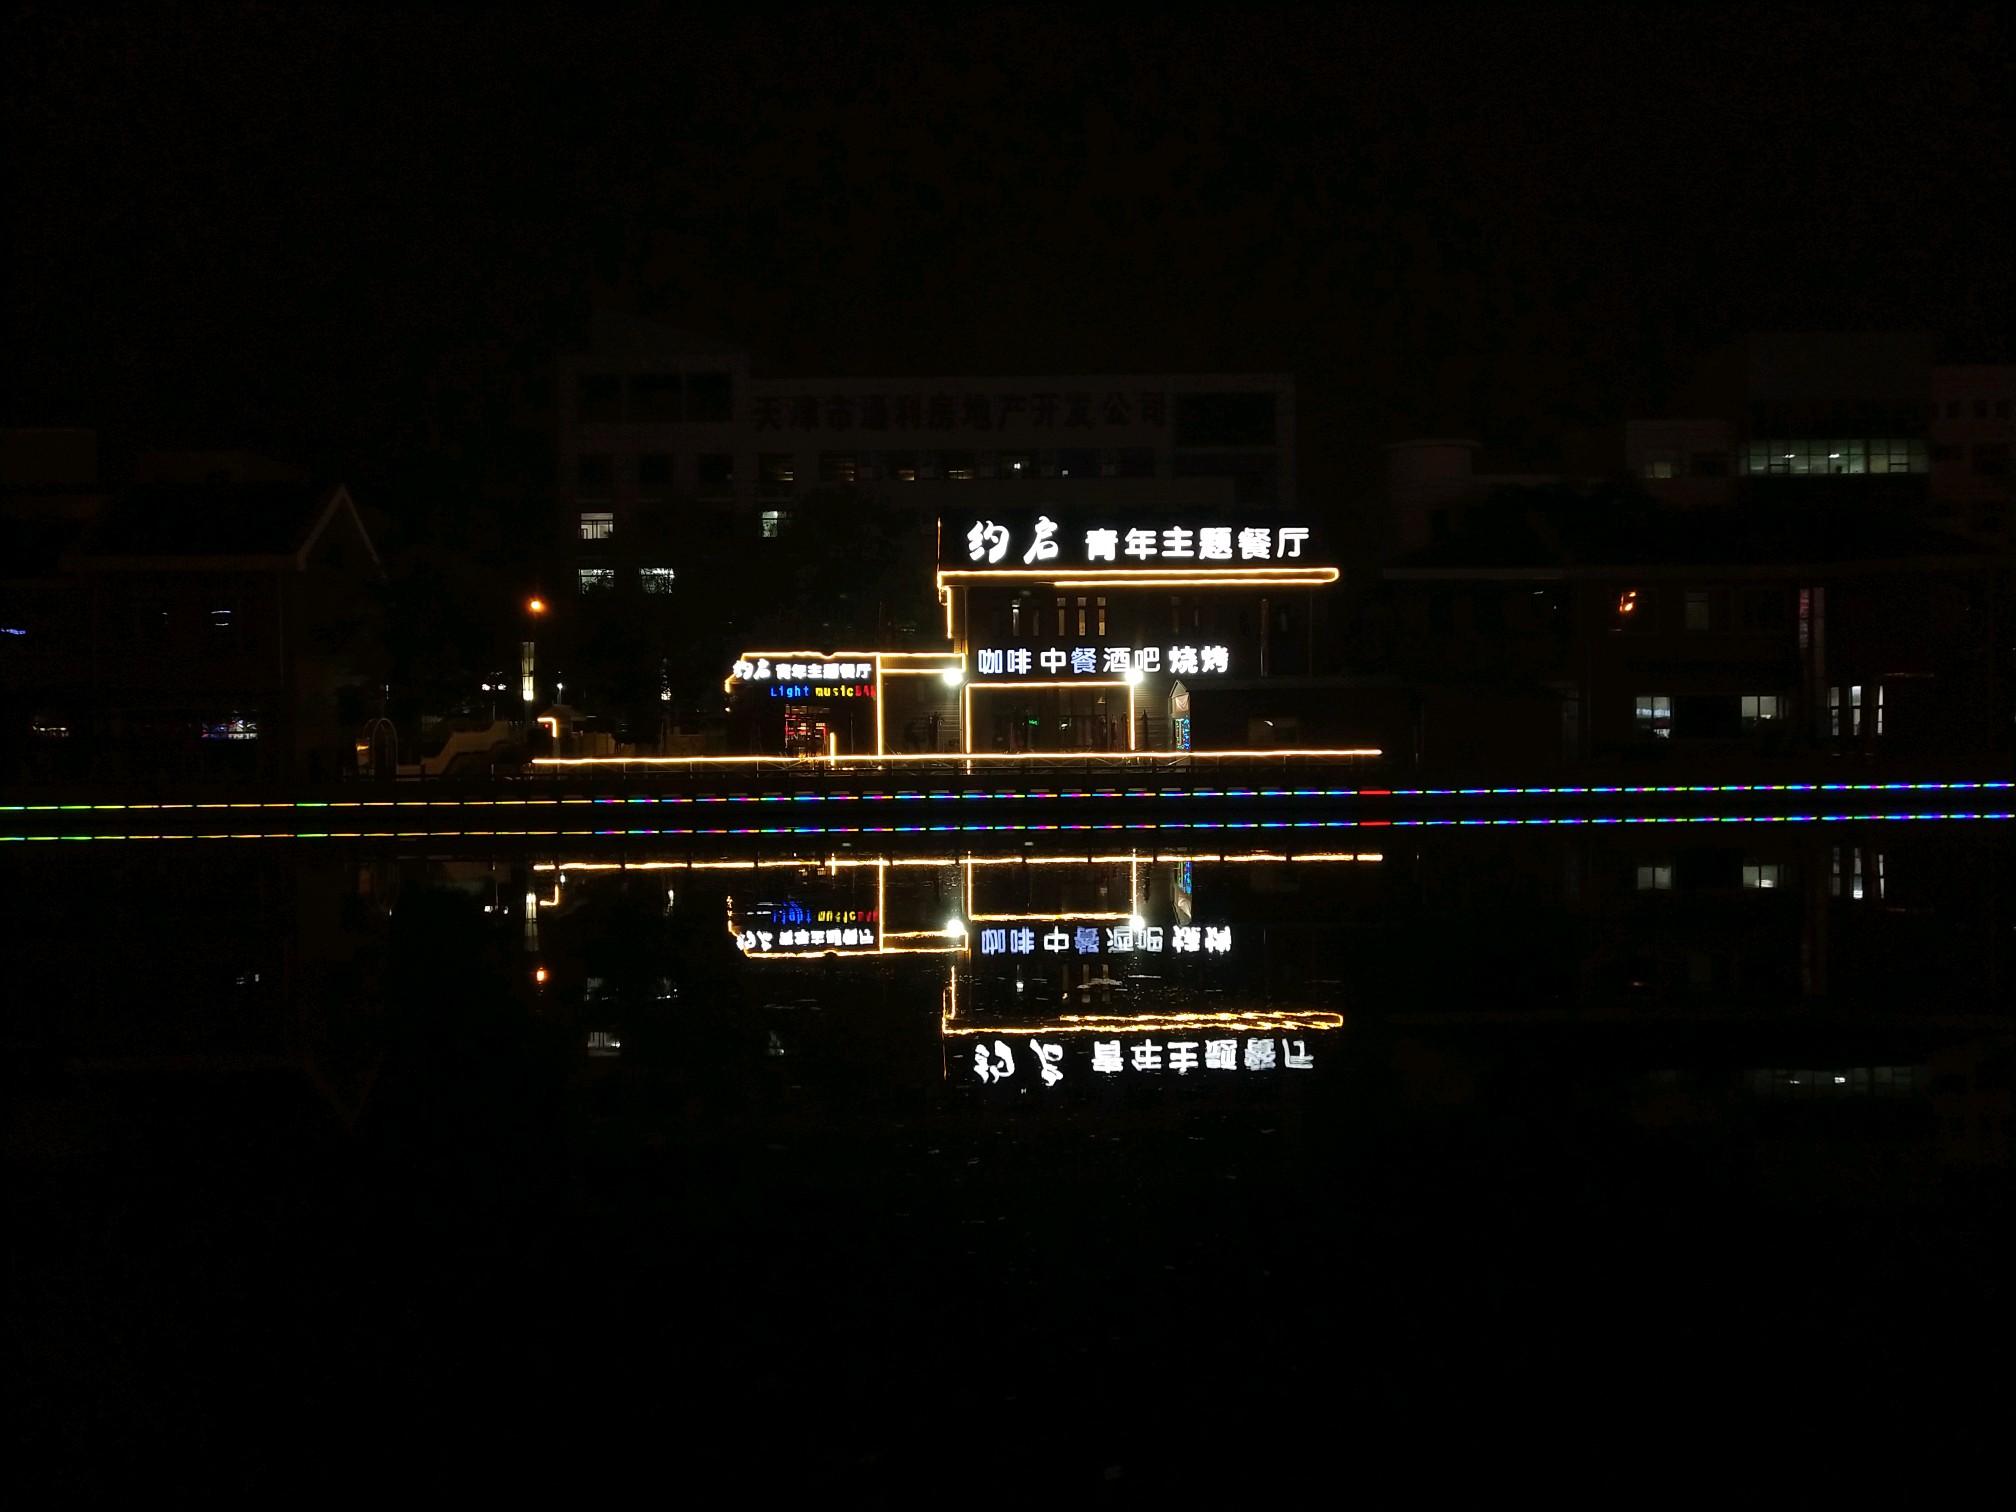 武清农场虚拟镇线路图